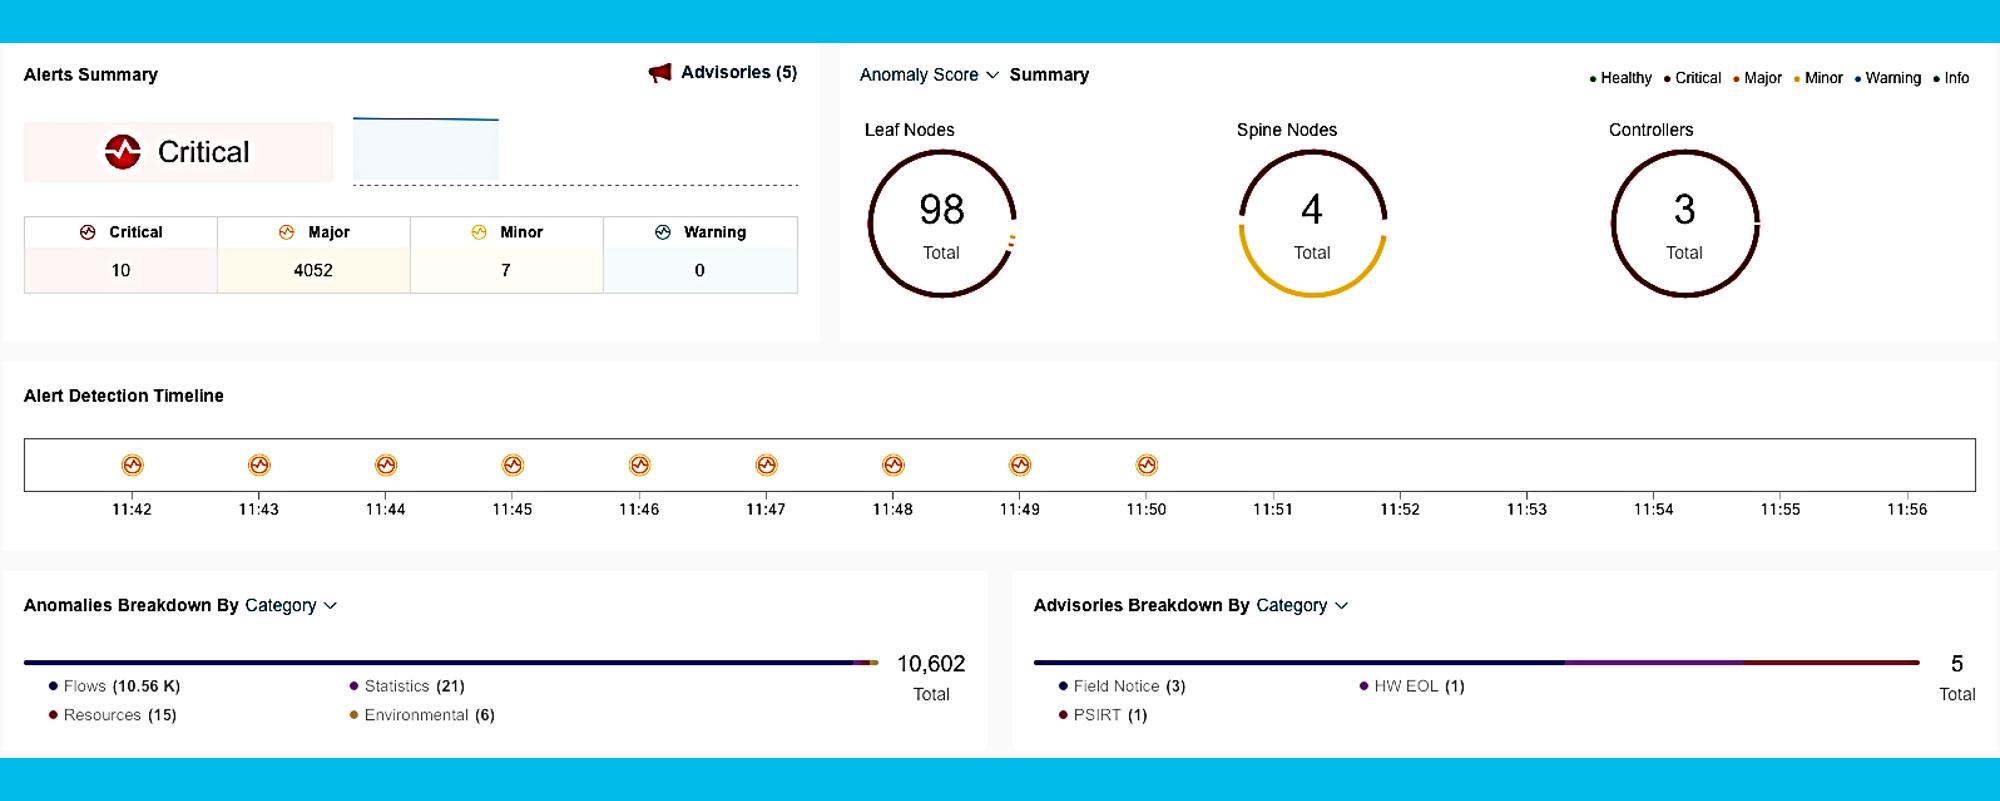 Cisco Nexus Dashboard Alerts Summary